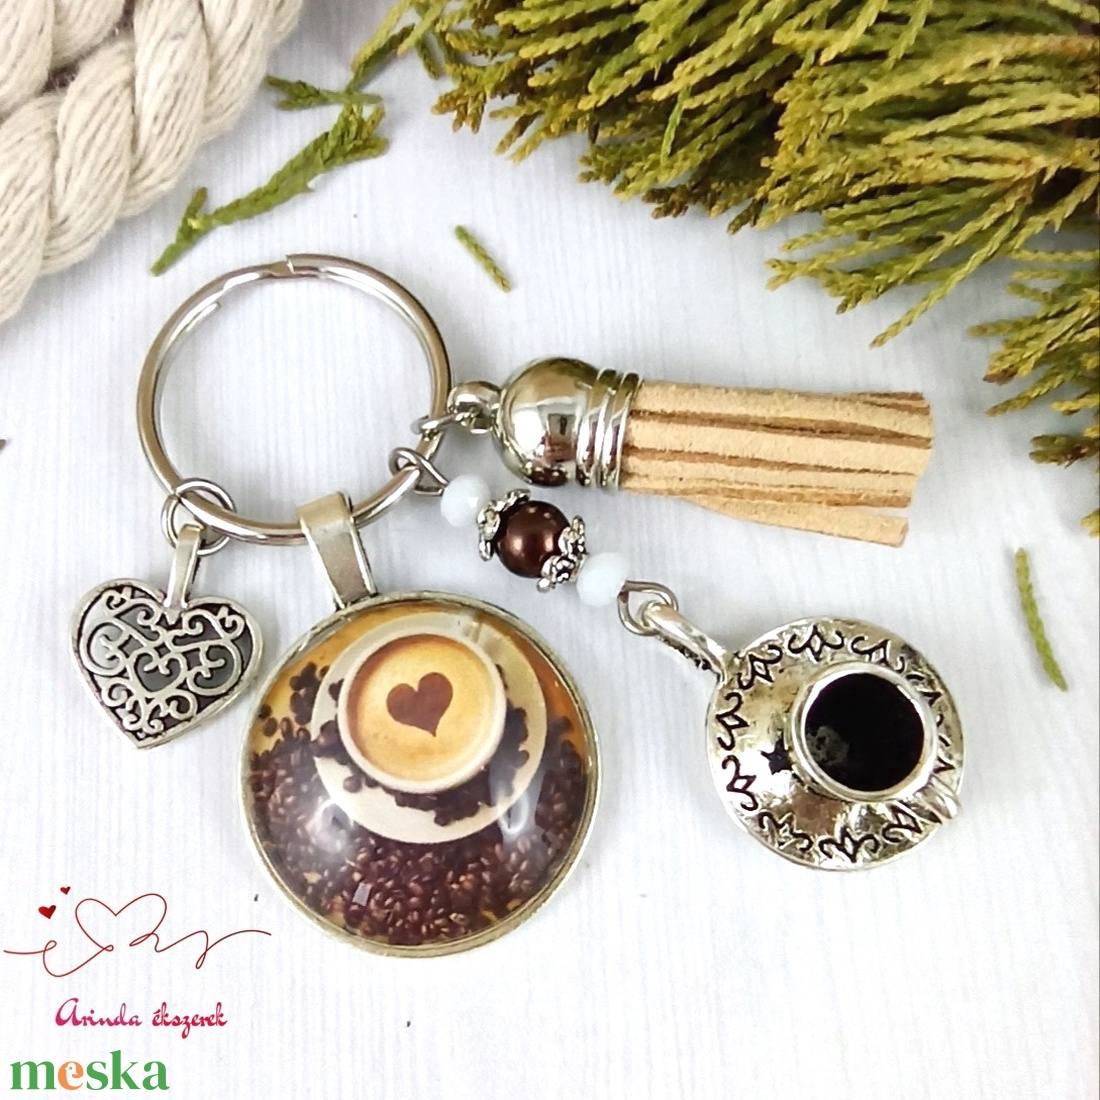 Reggeli energia bojtos üveglencsés kulcstartó táskadísz bojtos mikulás karácsony szülinap névnap nyár ajándék - táska & tok - kulcstartó & táskadísz - kulcstartó - Meska.hu